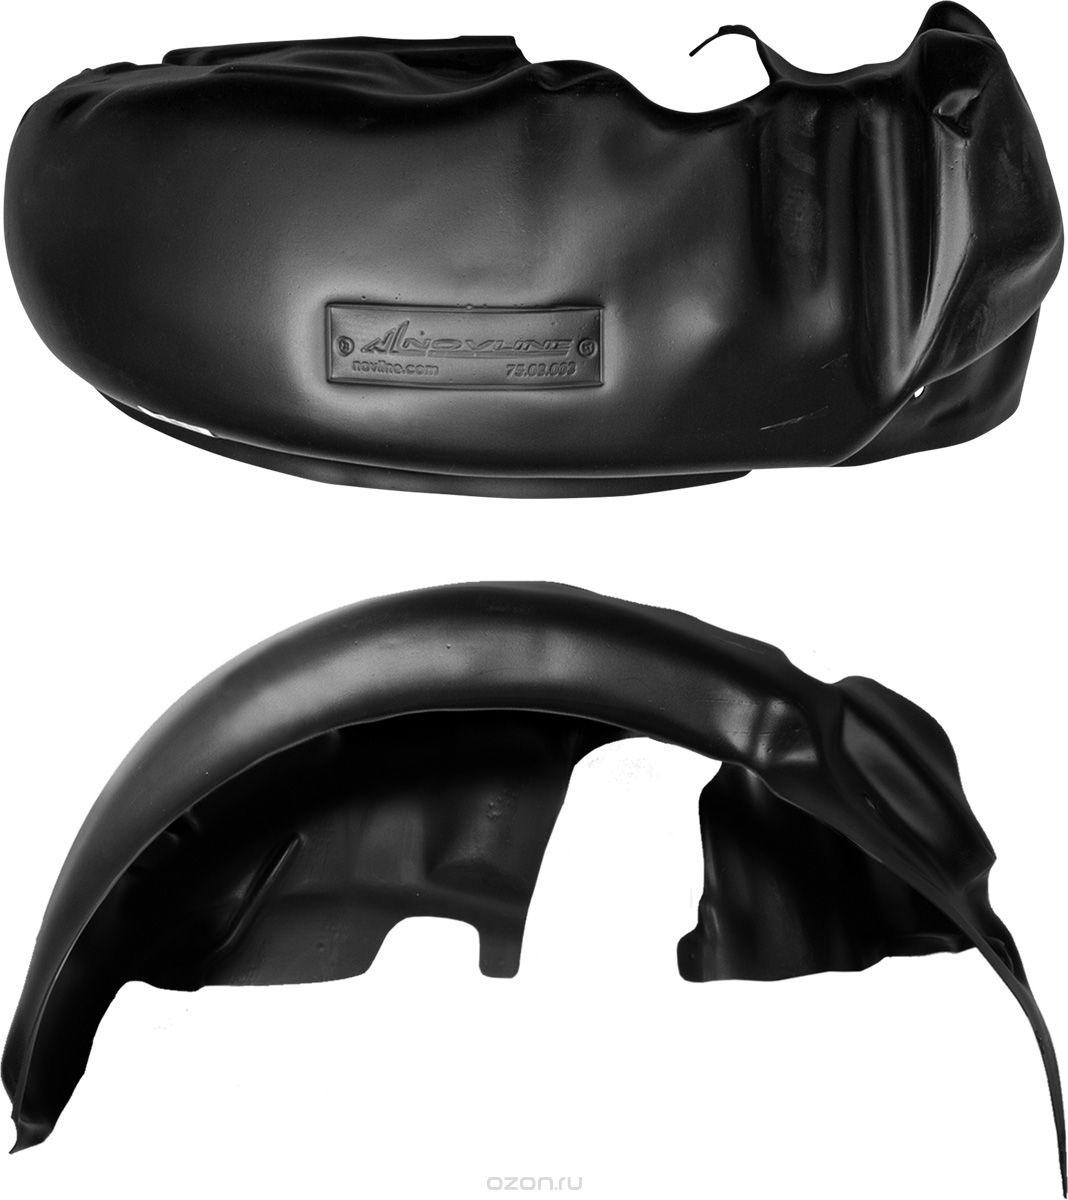 Подкрылок Novline-Autofamily, для CHEVROLET Spark 2010->, передний правыйNLL.08.14.002Идеальная защита колесной ниши. Локеры разработаны с применением цифровых технологий, гарантируют максимальную повторяемость поверхности арки. Изделия устанавливаются без нарушения лакокрасочного покрытия автомобиля, каждый подкрылок комплектуется крепежом. Уважаемые клиенты, обращаем ваше внимание, что фотографии на подкрылки универсальные и не отражают реальную форму изделия. При этом само изделие идет точно под размер указанного автомобиля.